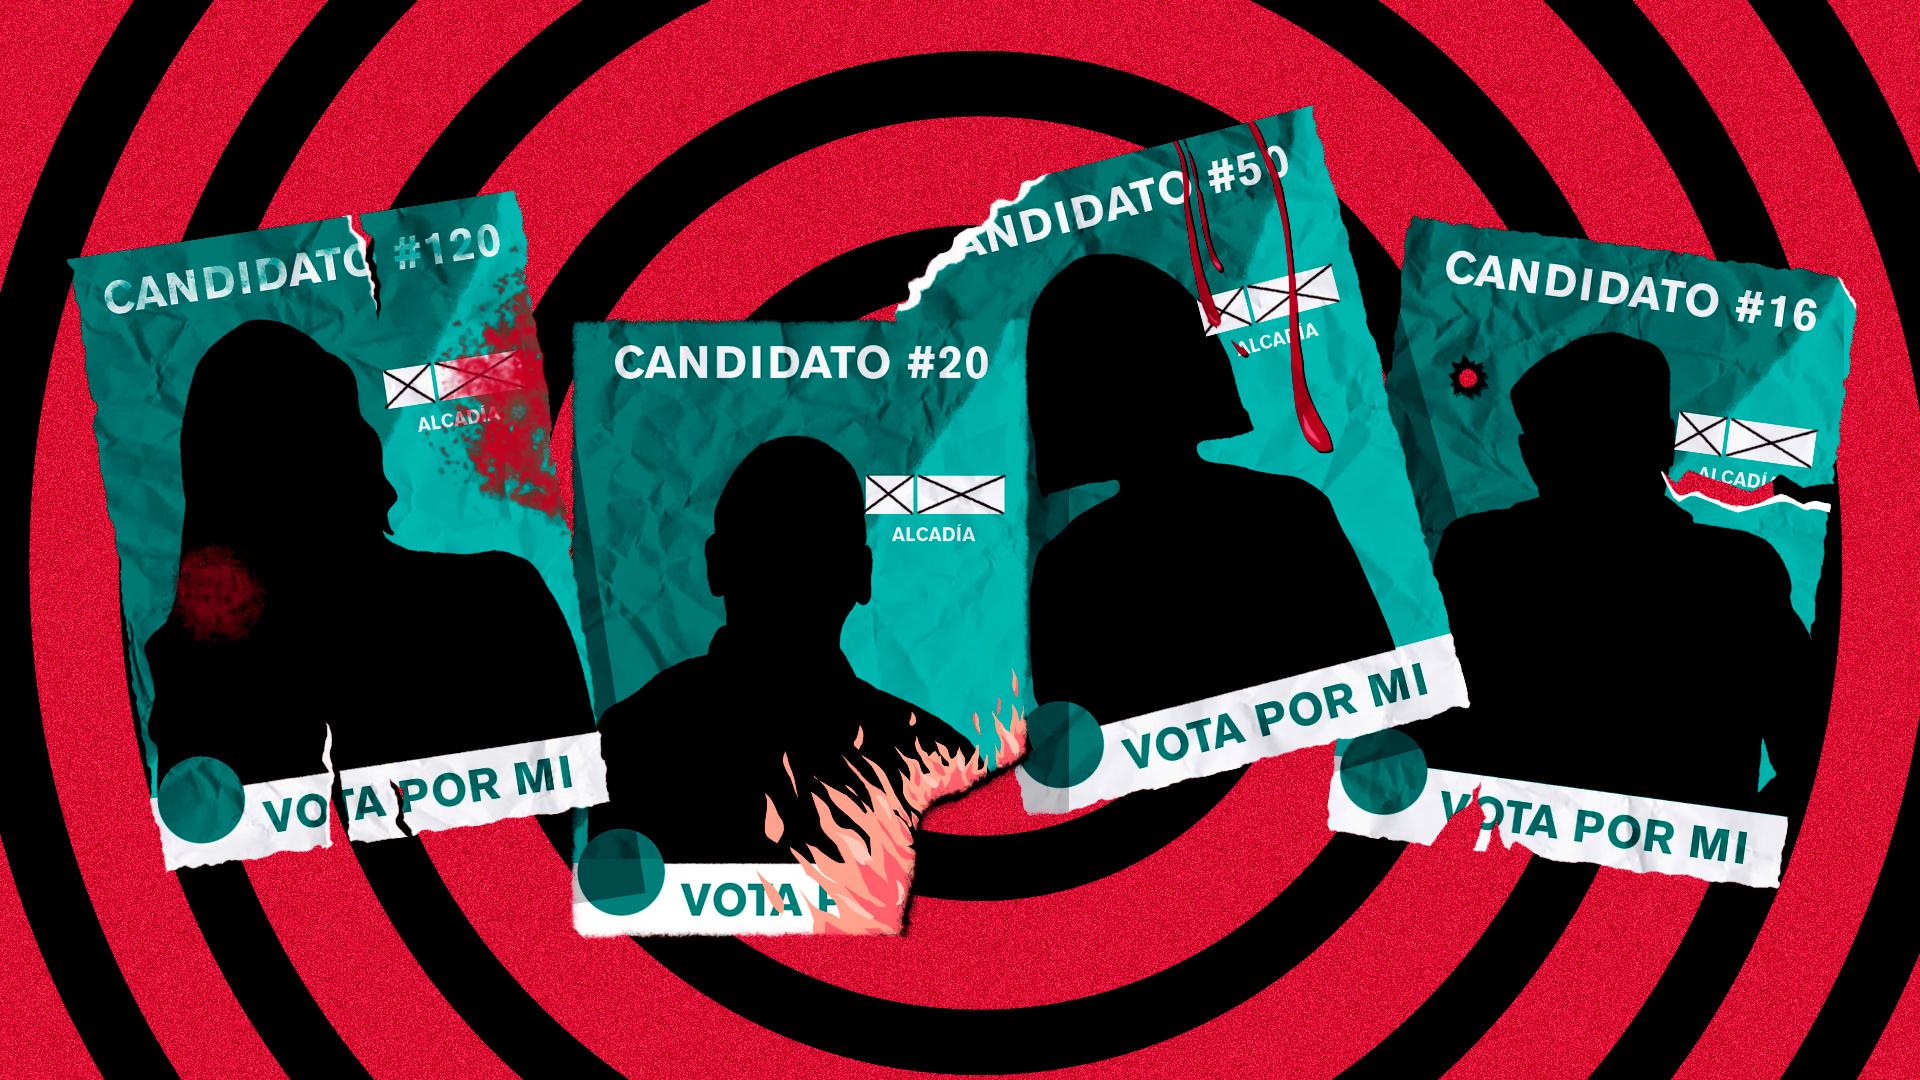 De la derecha a la izquierda: la violencia electoral no discrimina